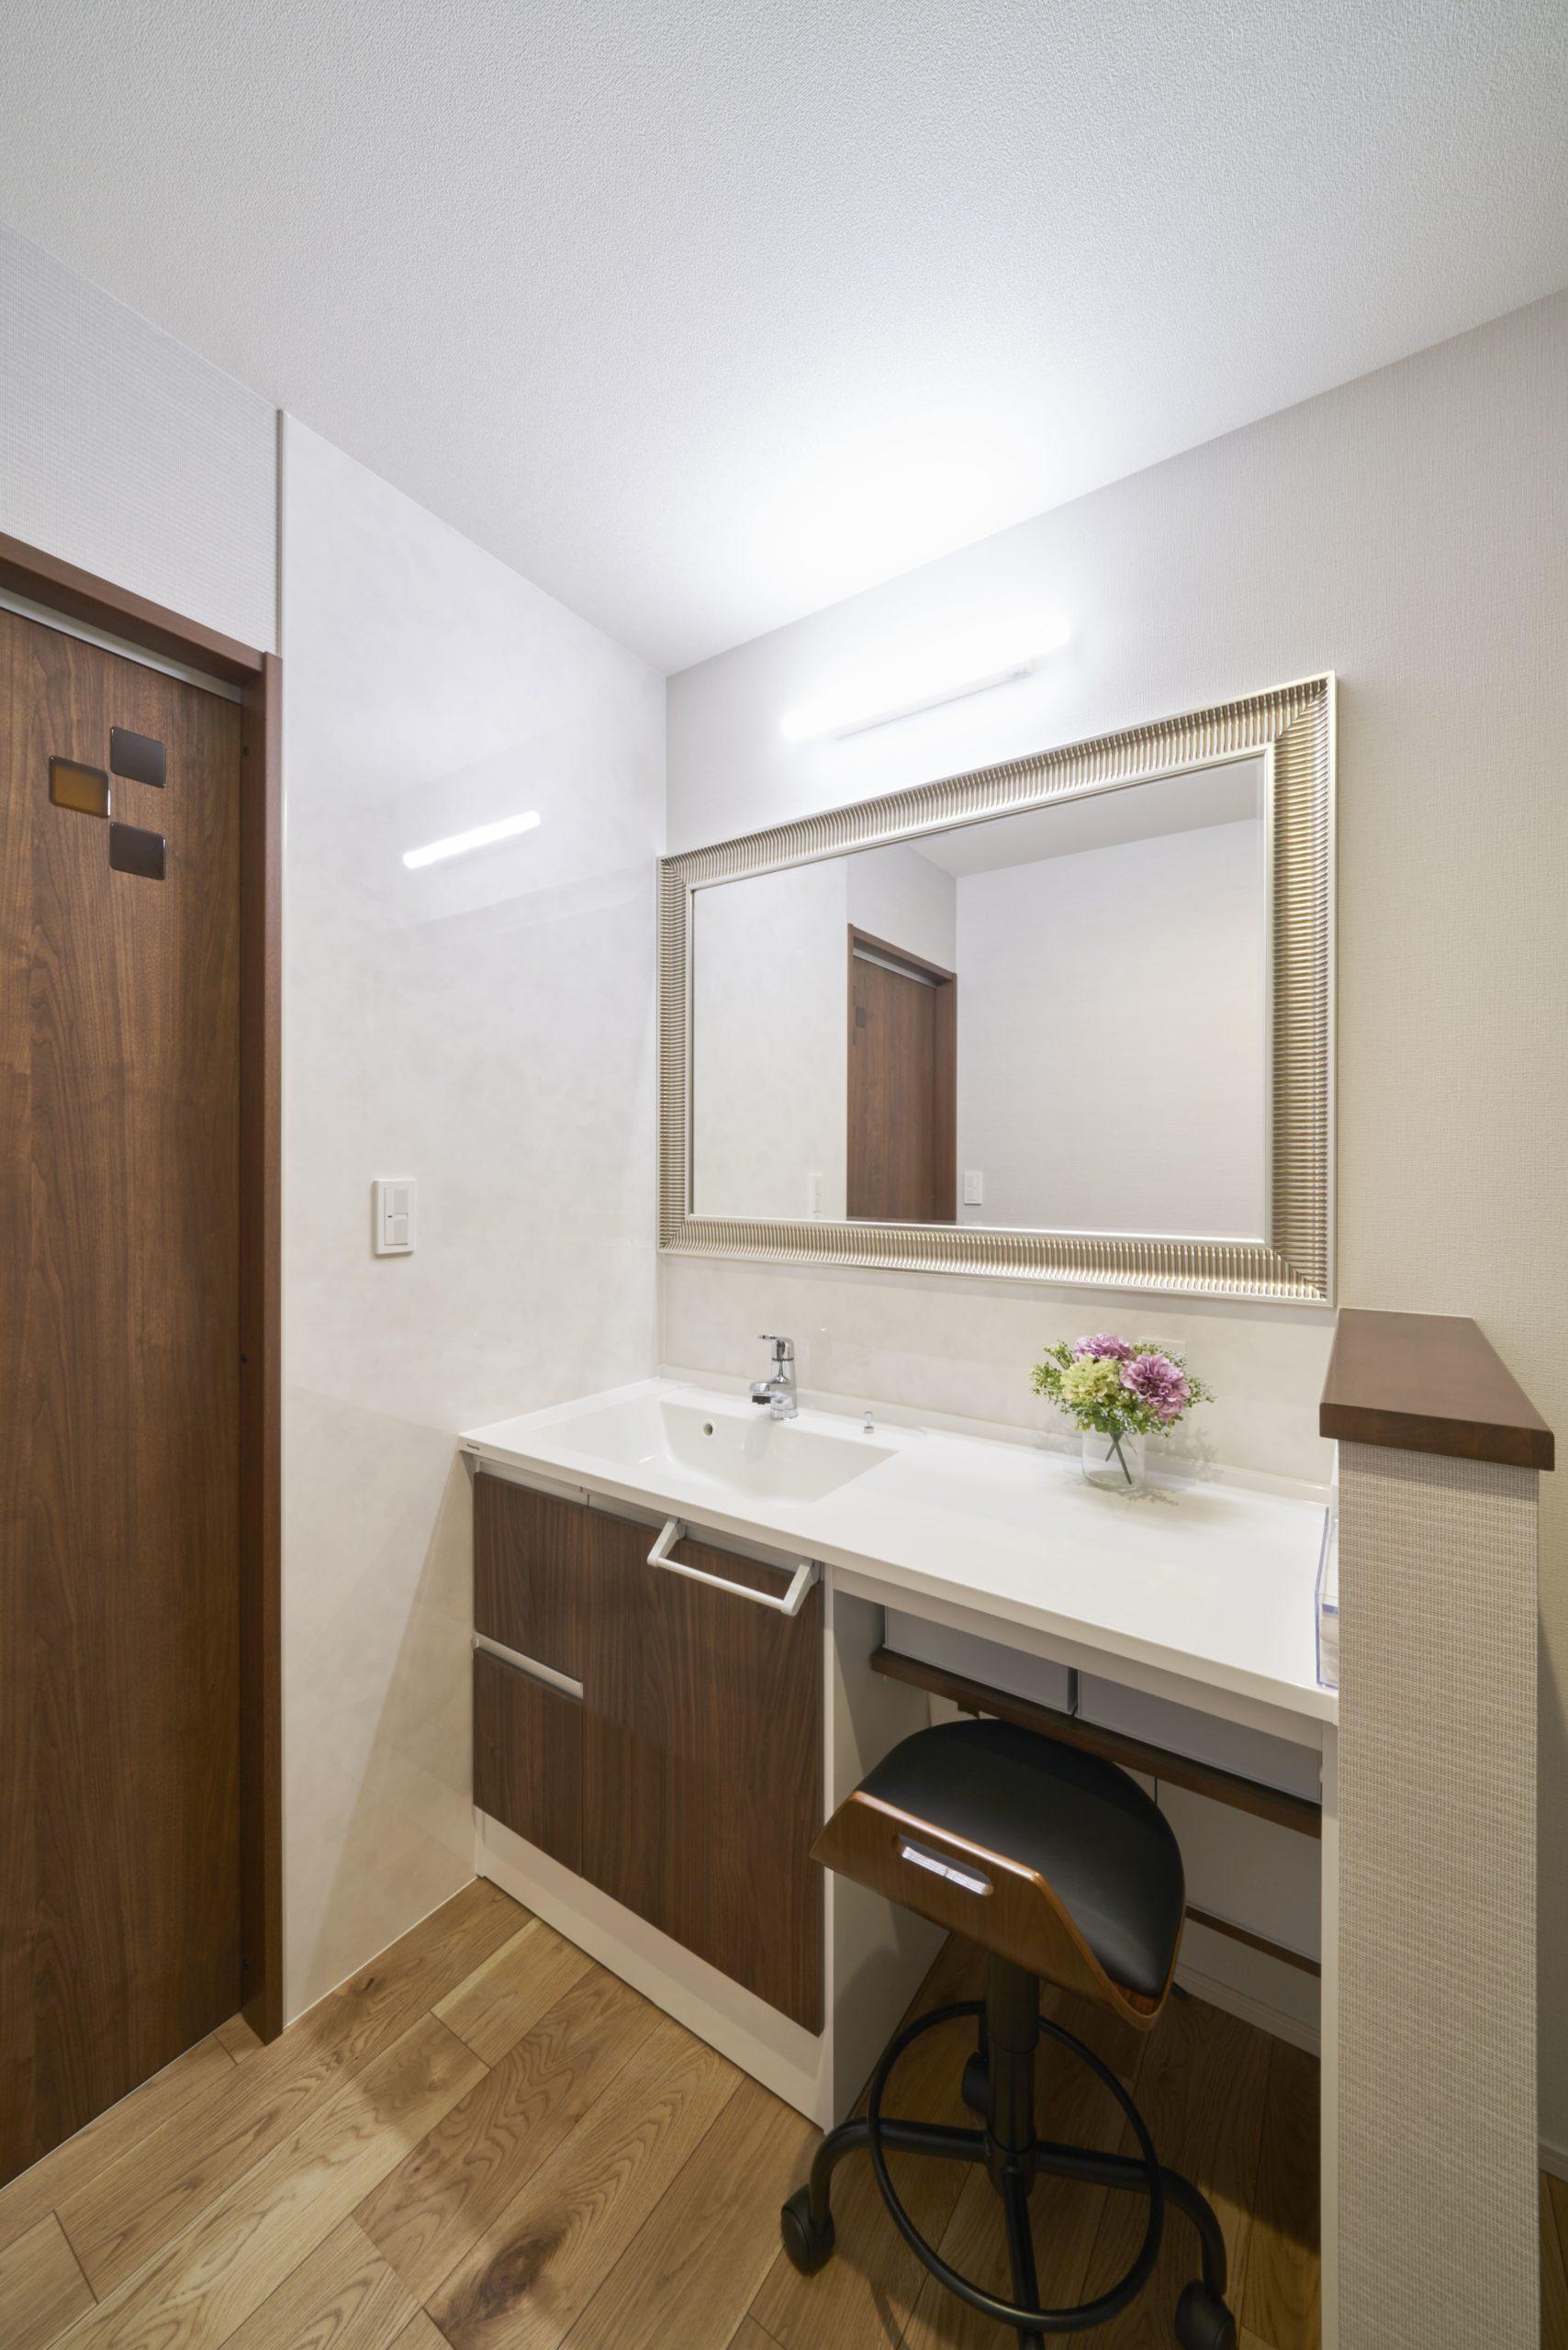 エントランスの横には大きな鏡を配した洗面台とトイレが。お嬢様が並んでメイクができるゆったりしたドレッシングスペース。帰宅後の手洗い動線も確保でき、新しい生活様式にも対応している。